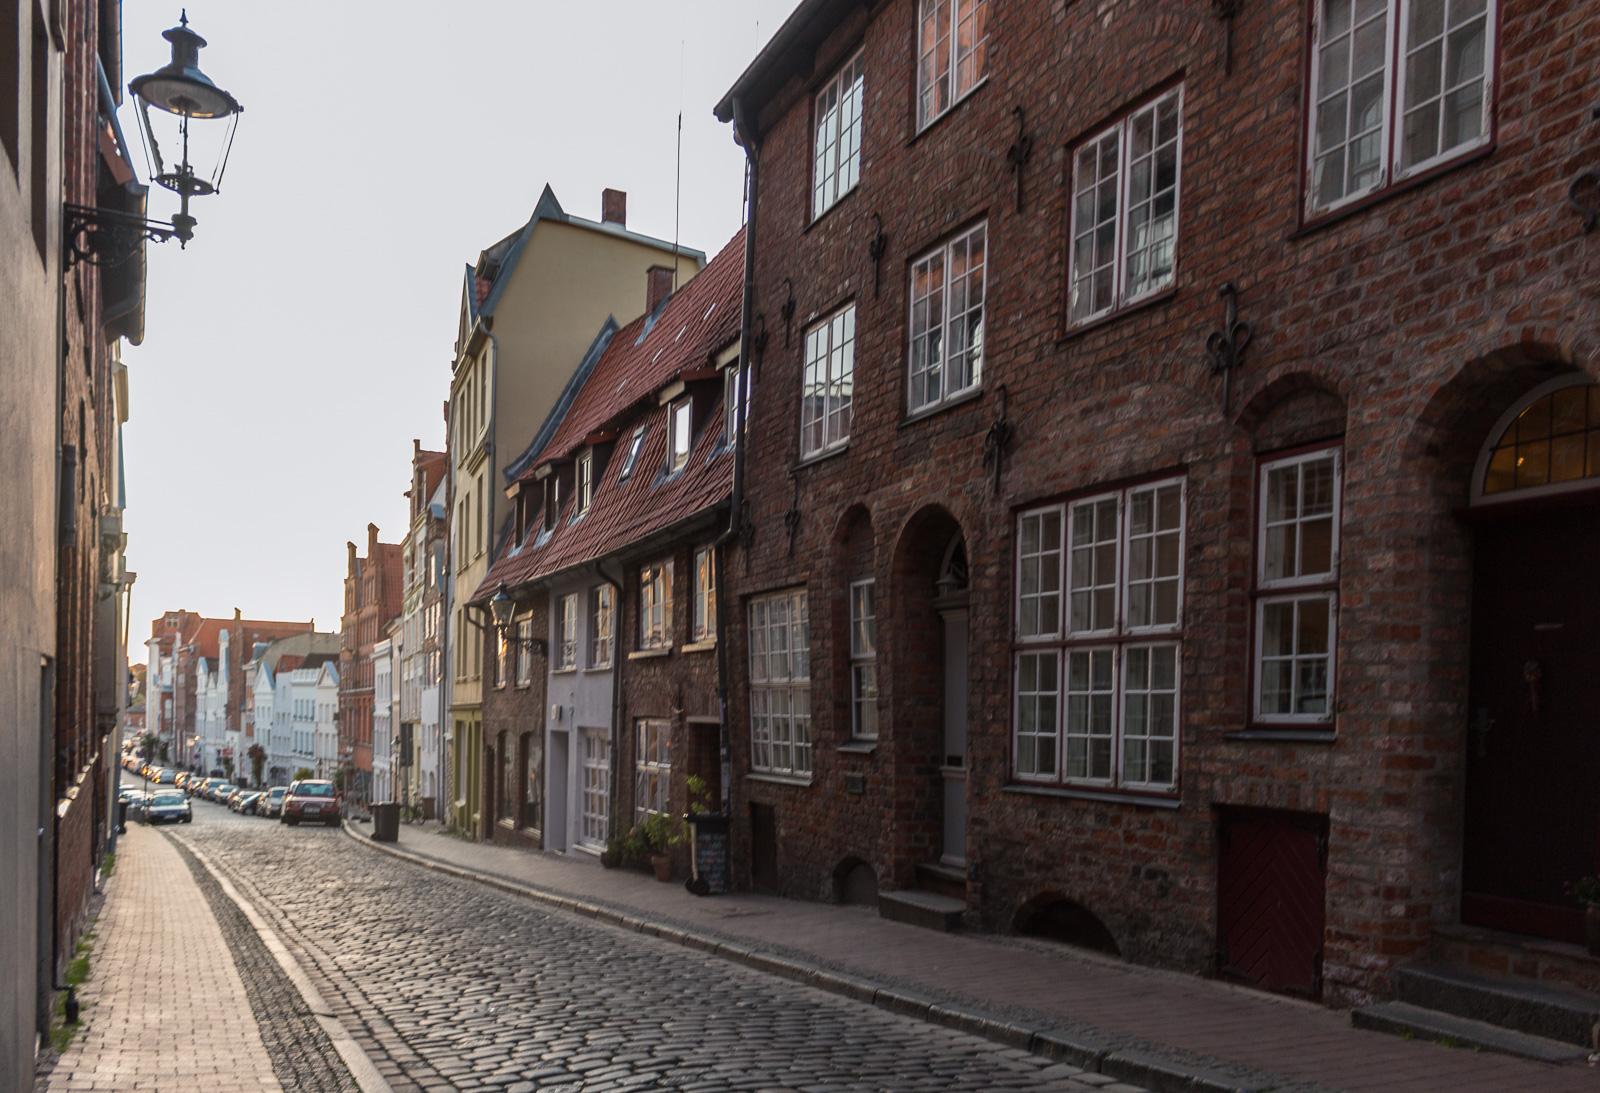 Lübeck, Luebeck, Lübecker Altstadt, Sightseeing, Städtetour, Luebeck entdecken, Unesco Weltkuturerbe, Sightseeing